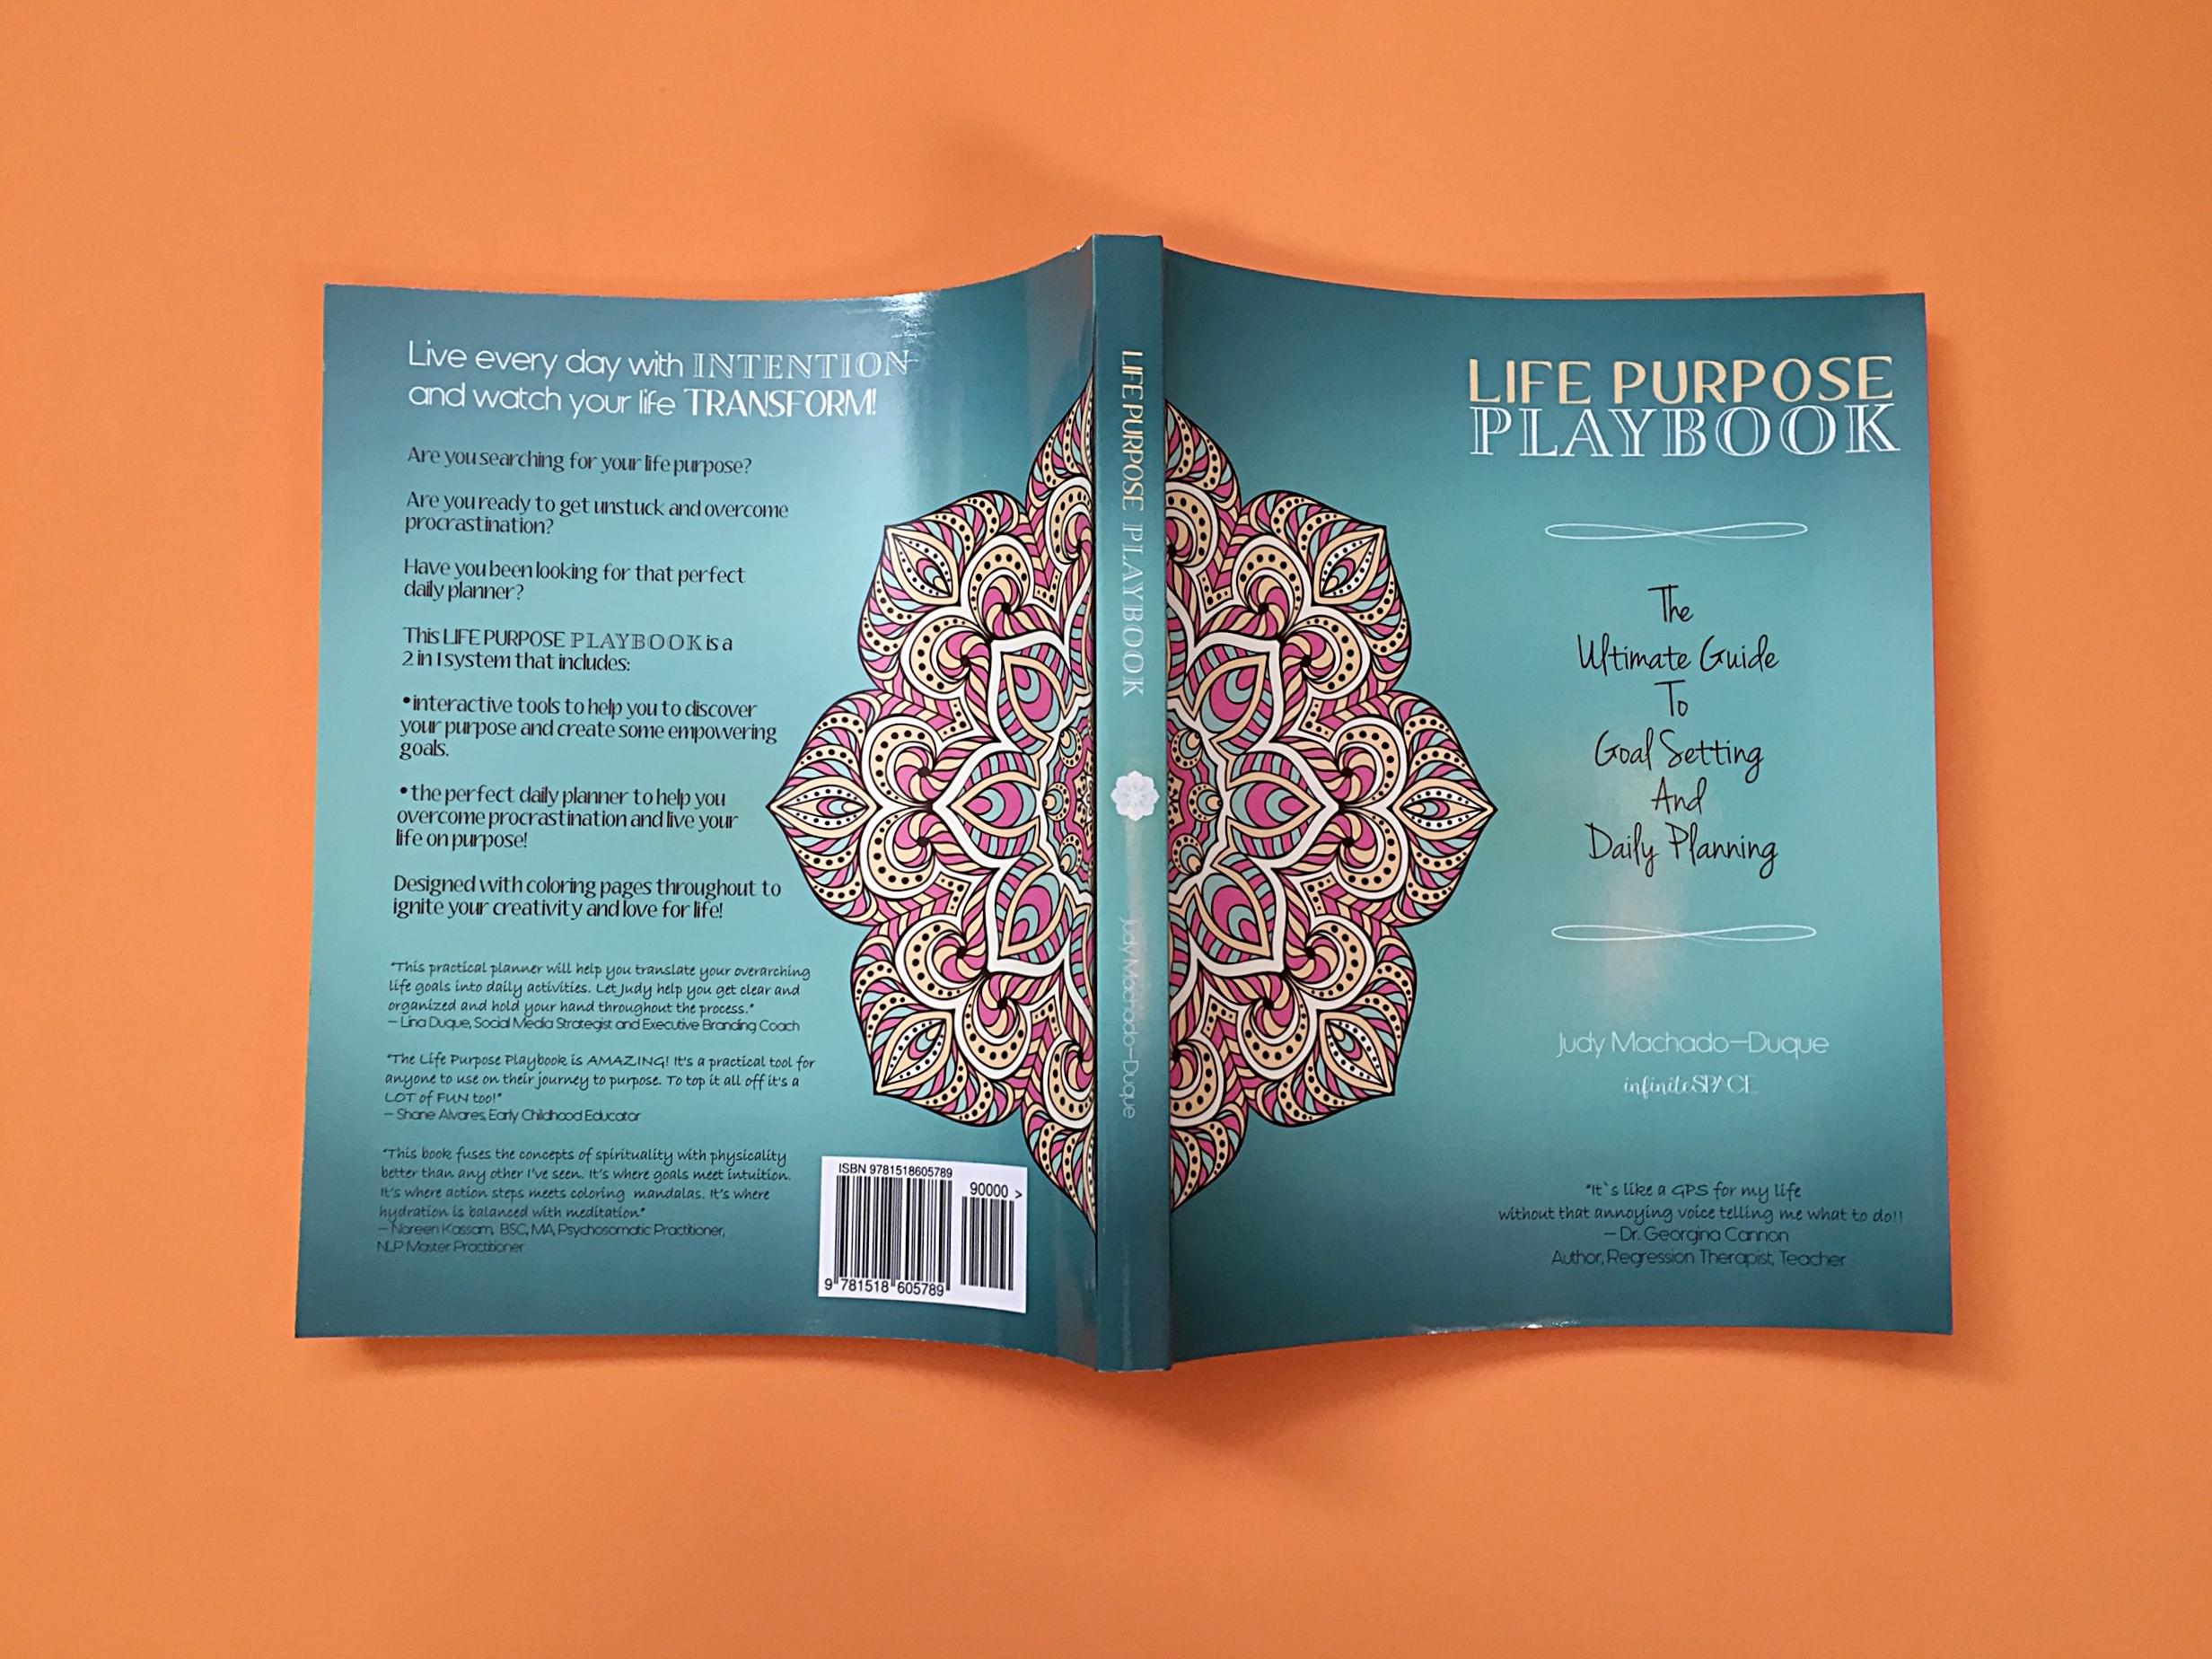 Life Purpose Playbook - Judy Machado-Duque